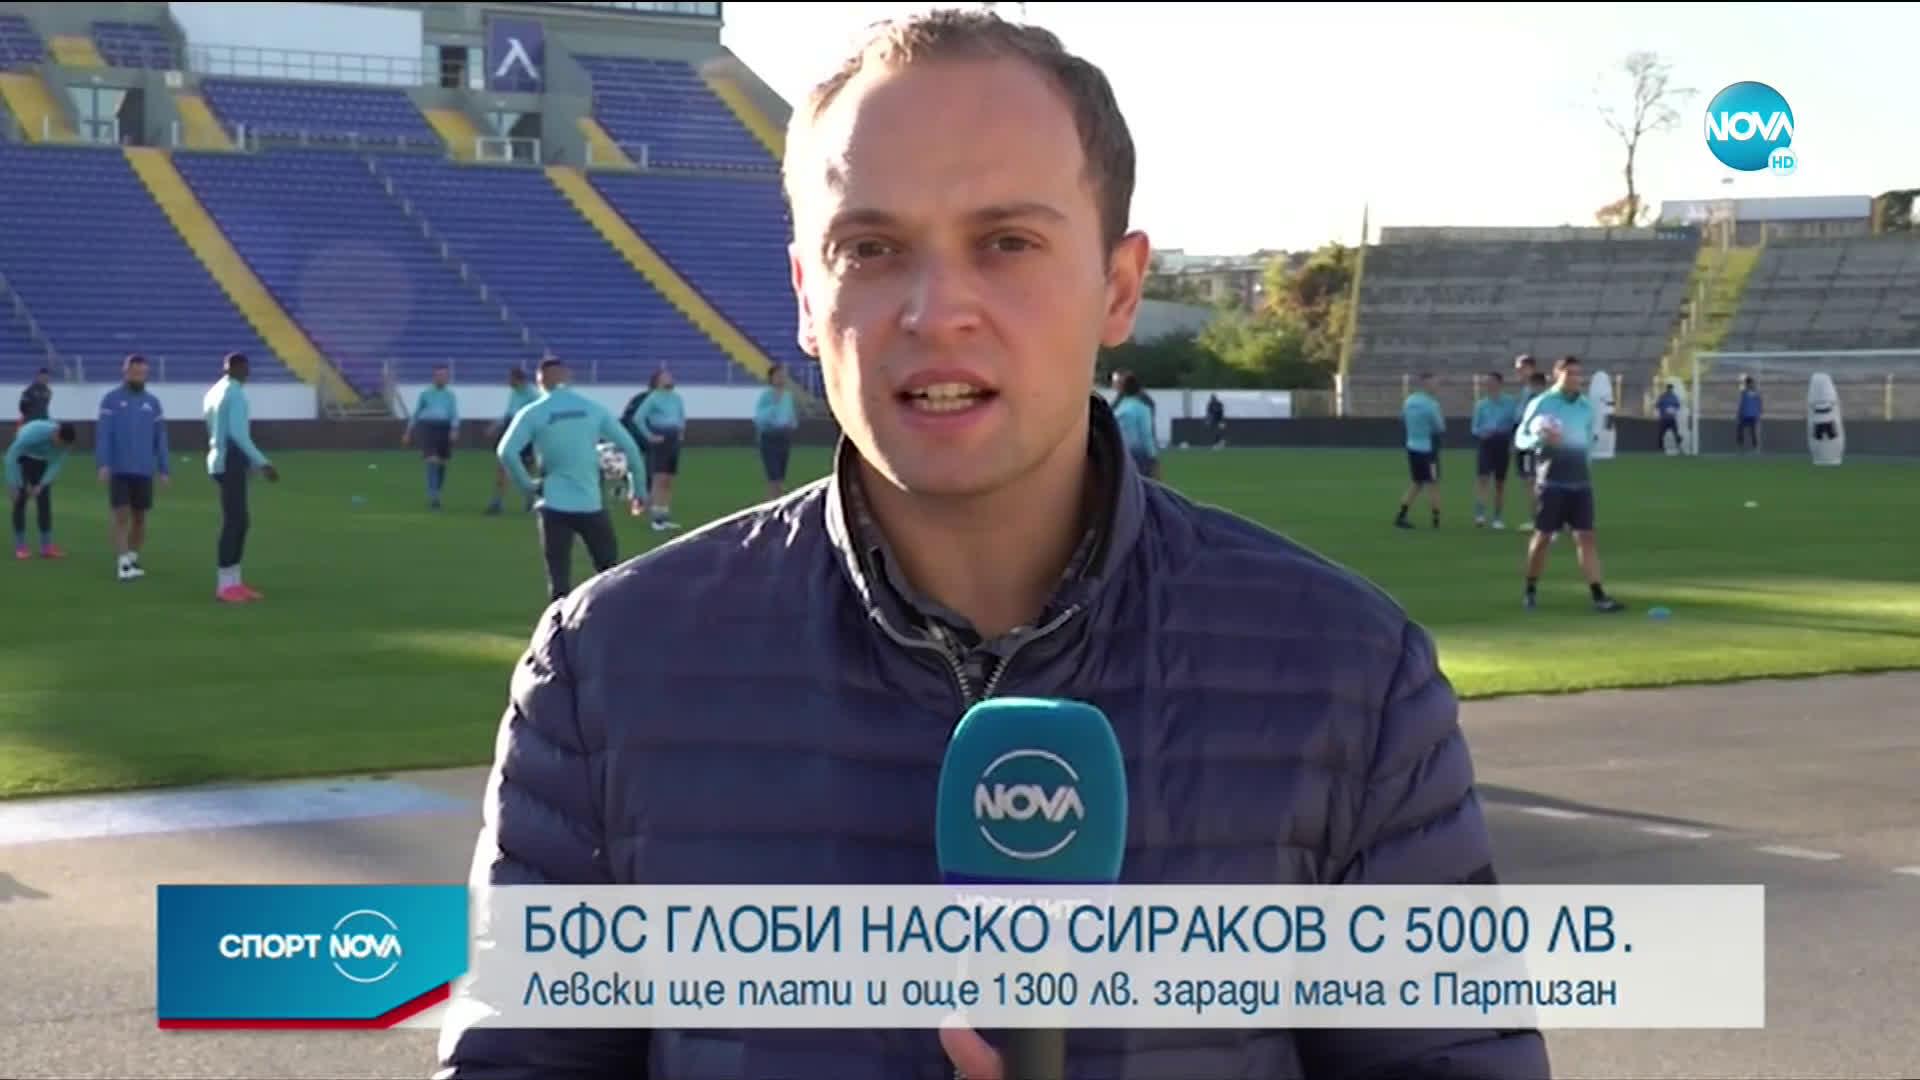 Наско Сираков отнесе солена глоба заради обида, Левски също не бе подминат